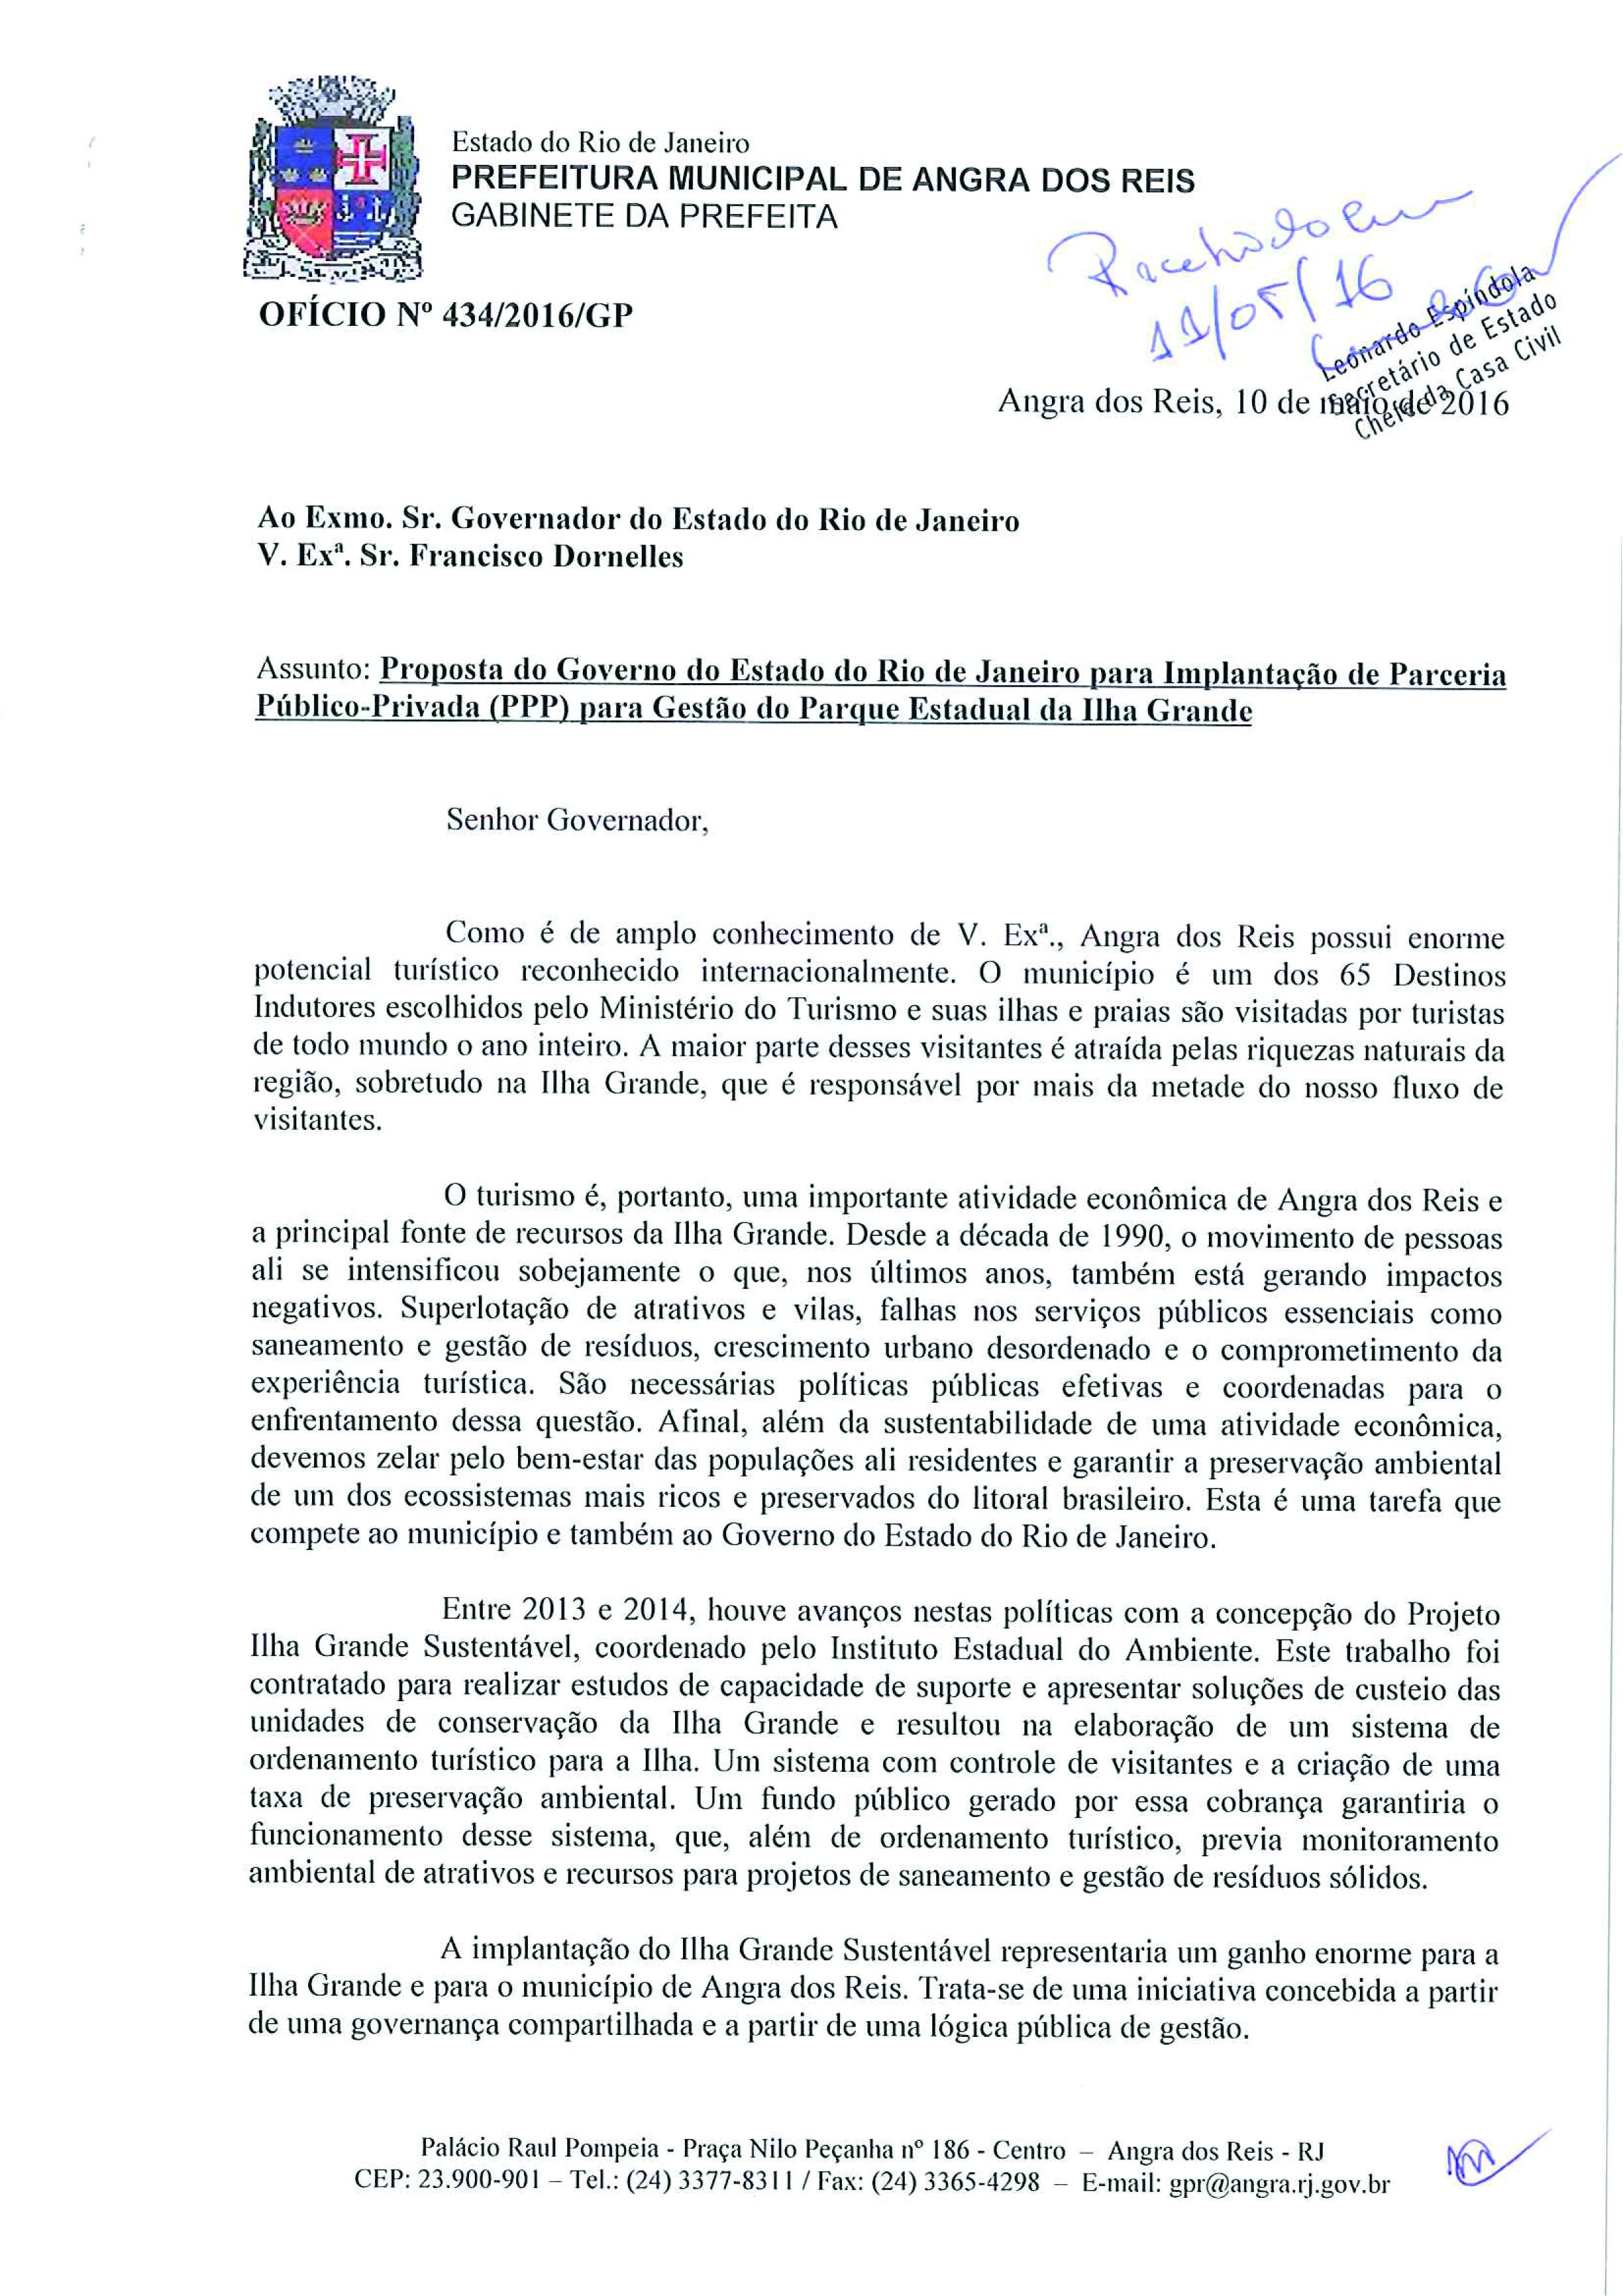 Carta da Prefeitura de Angra dos Reis ao Governador - Parte 1